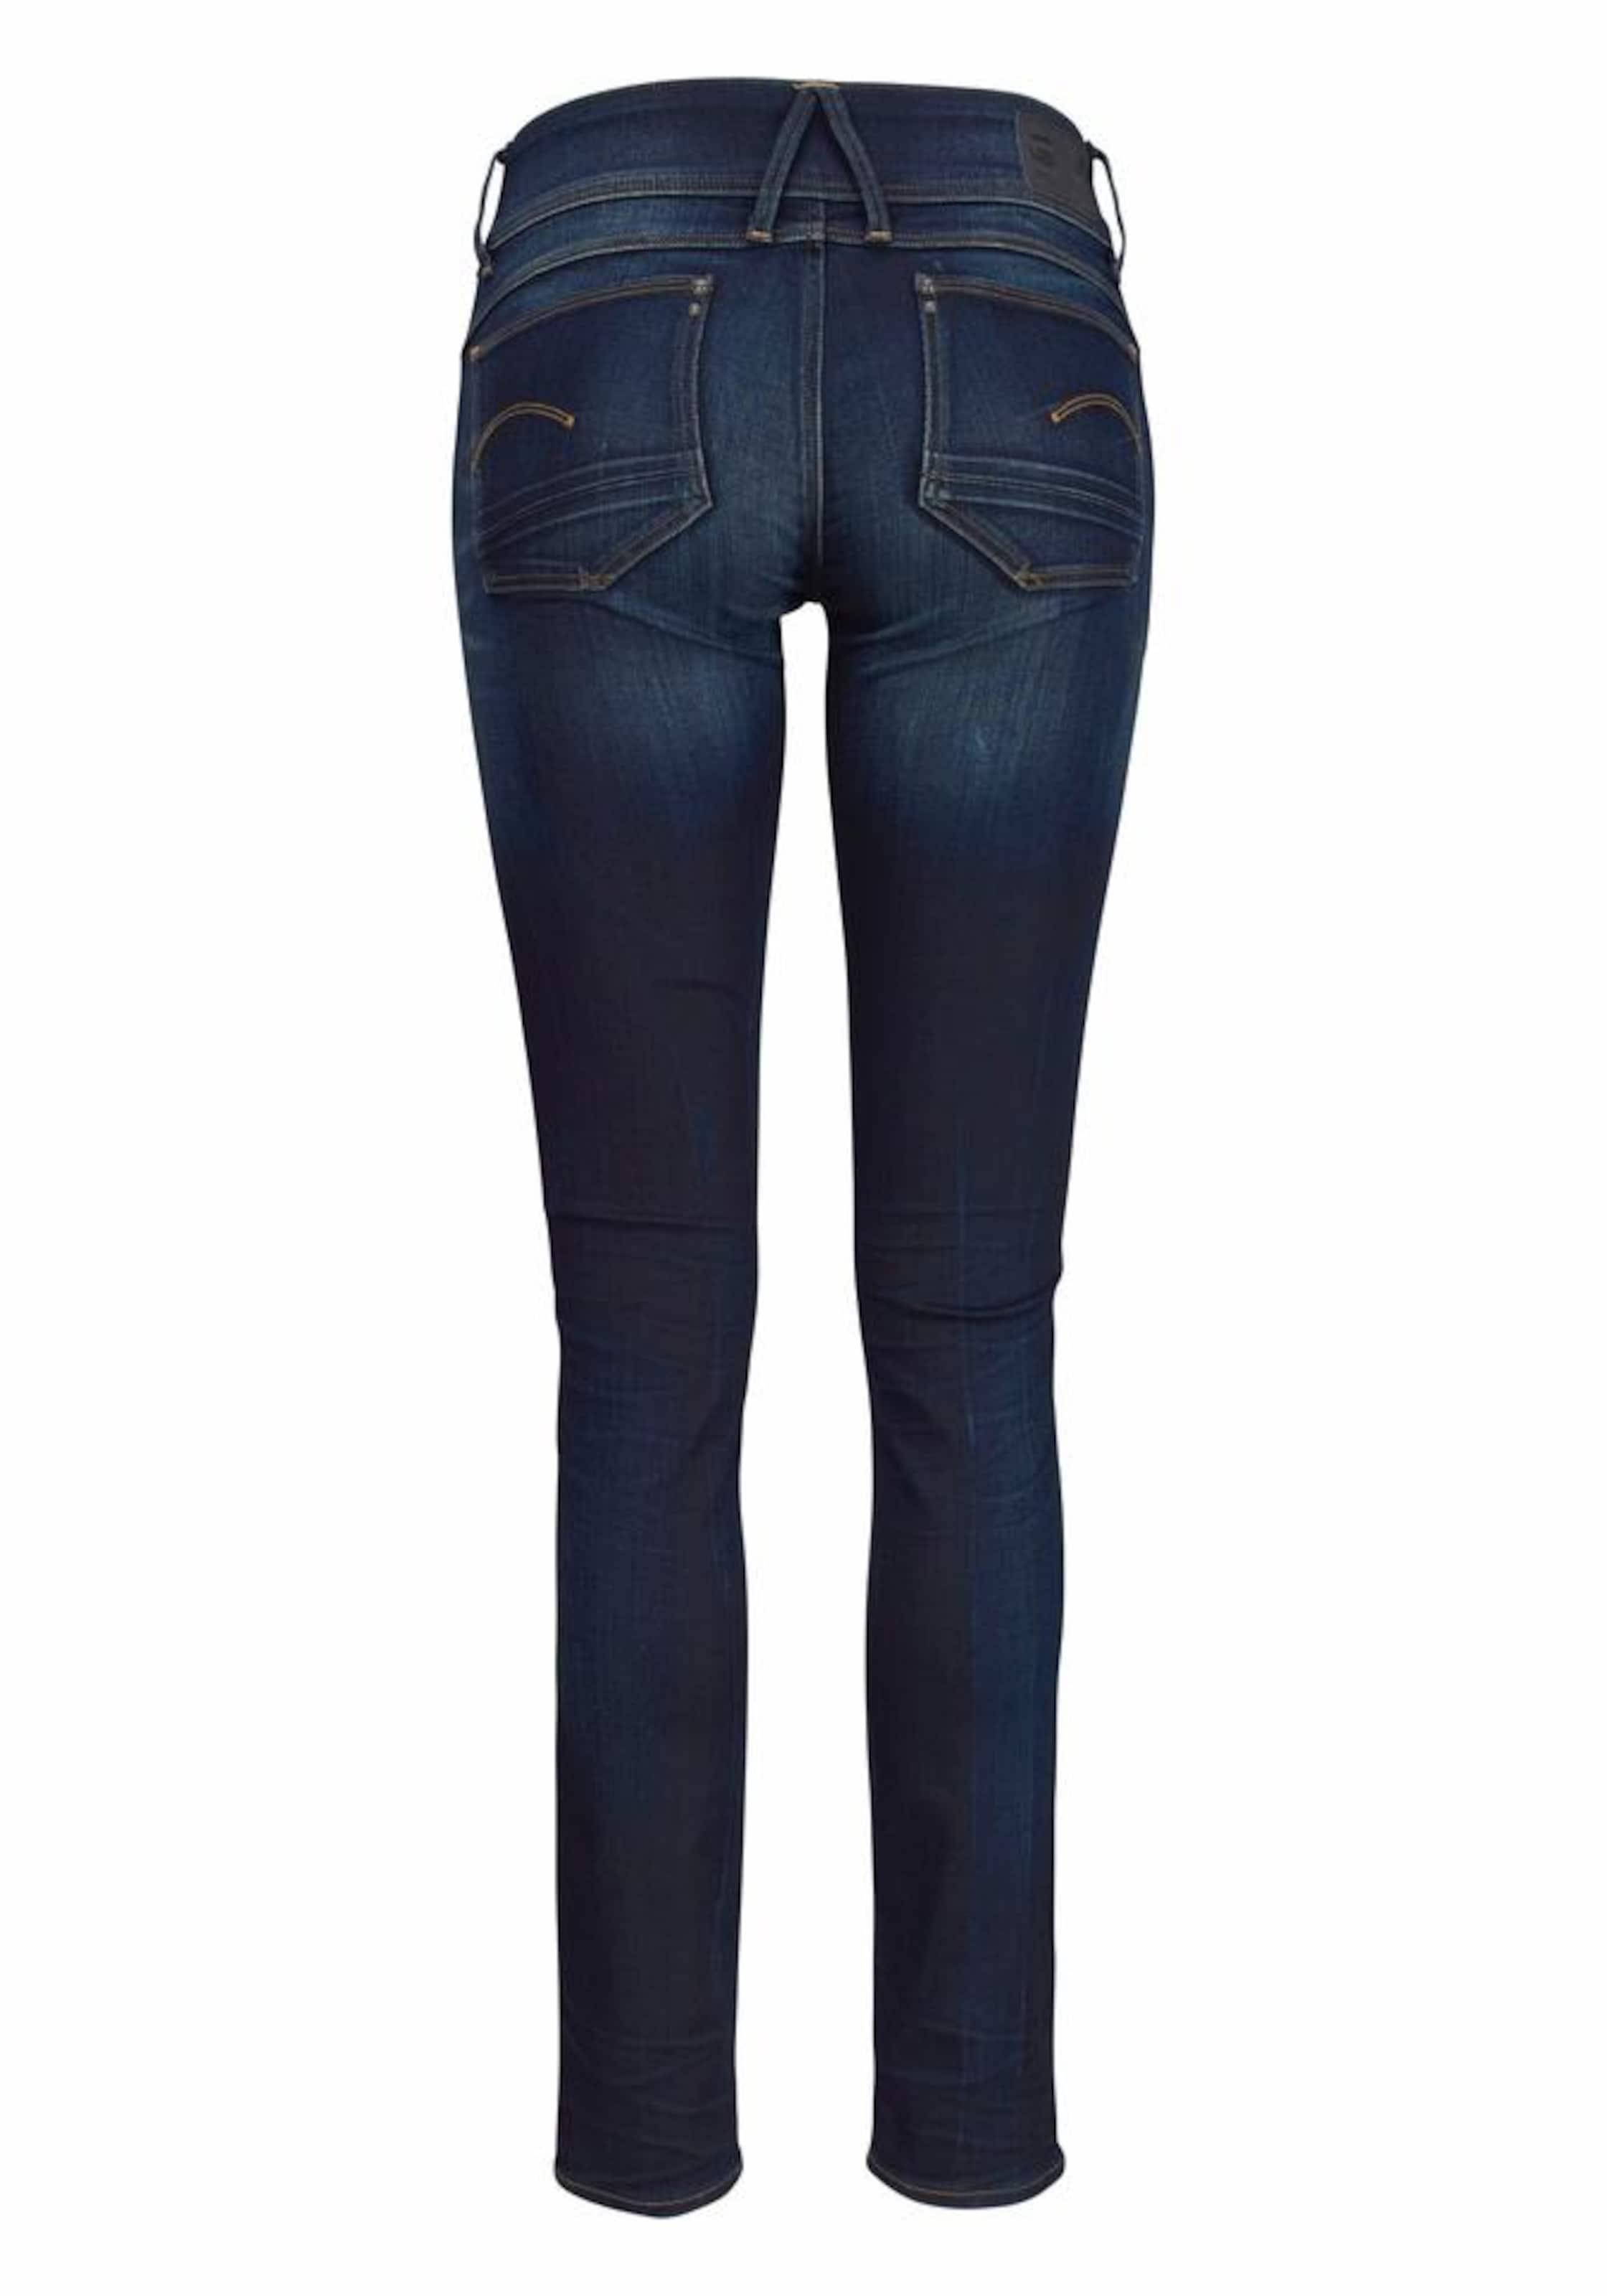 'lynn' star Jeans Raw G In Nachtblauw IbyvYf6gm7